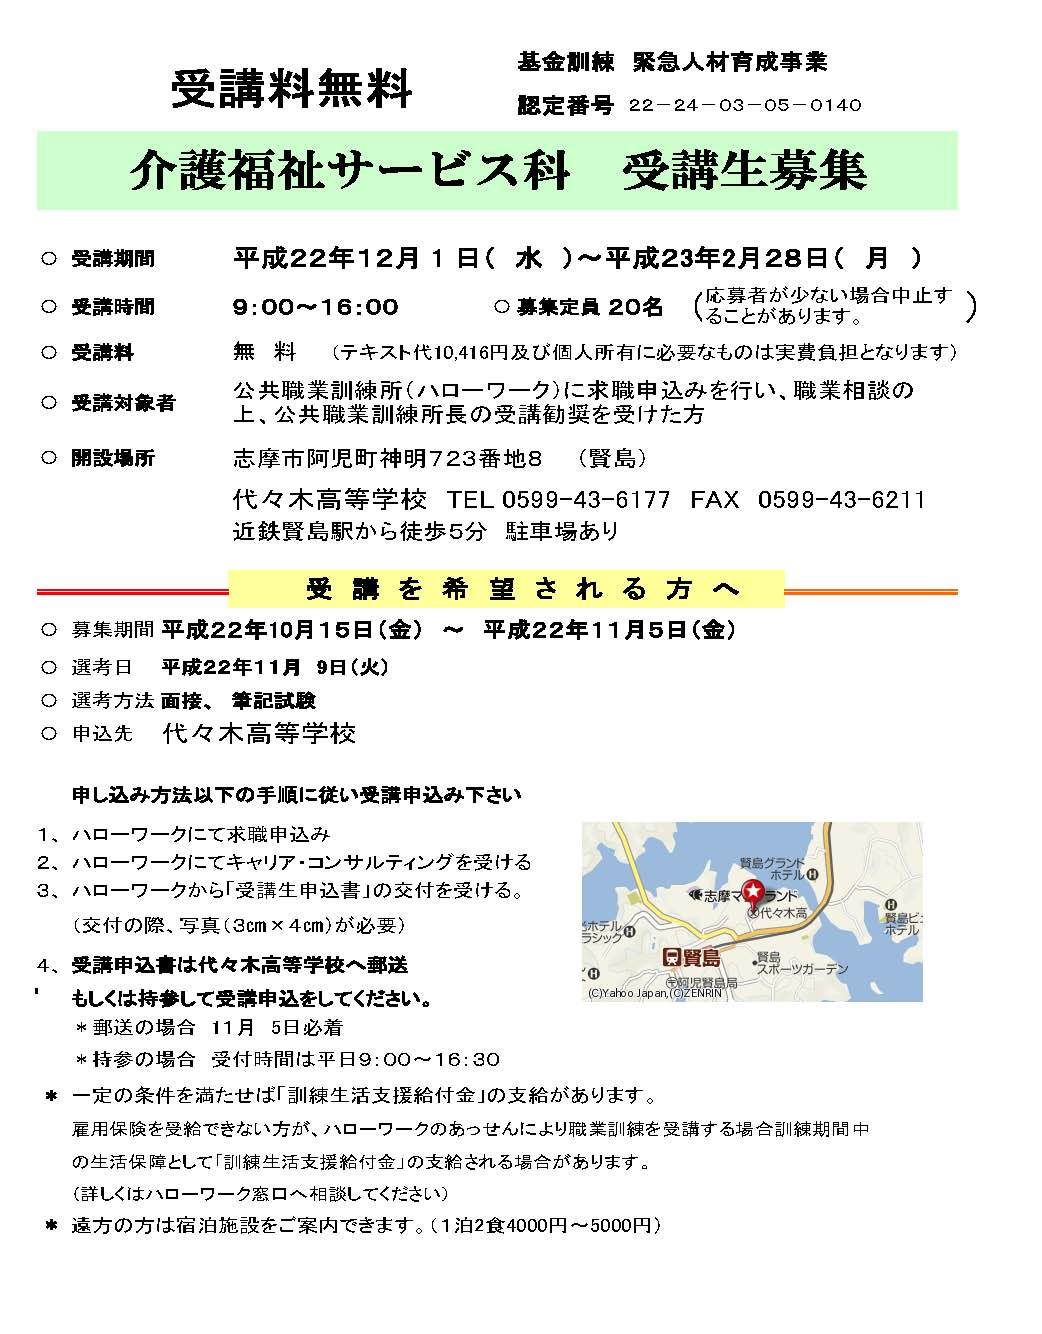 http://iseshima.org/%E4%BB%8B%E8%AD%B7%E5%9F%BA%E9%87%91%E8%A8%93%E7%B7%B4%E3%83%81%E3%83%A9%E3%82%B7.jpg